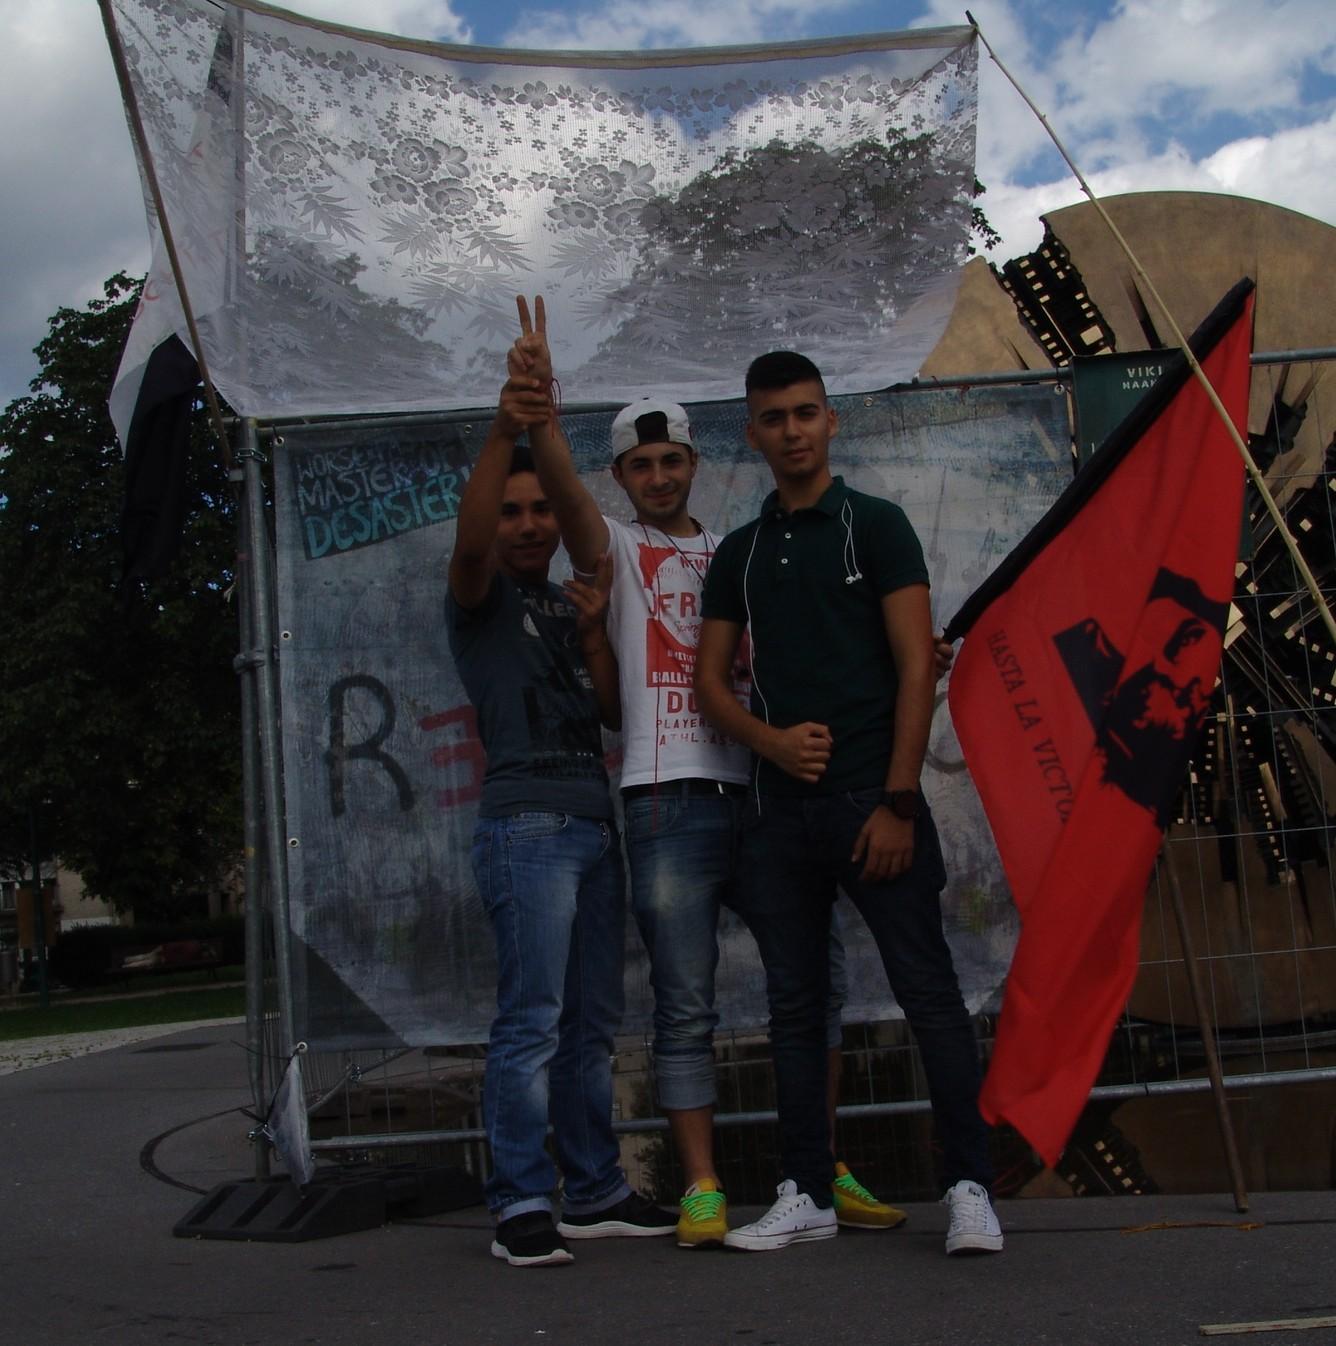 Letzte Revolution für ein friedliches Miteinander von Aleviten und Sunniten in der Türkei